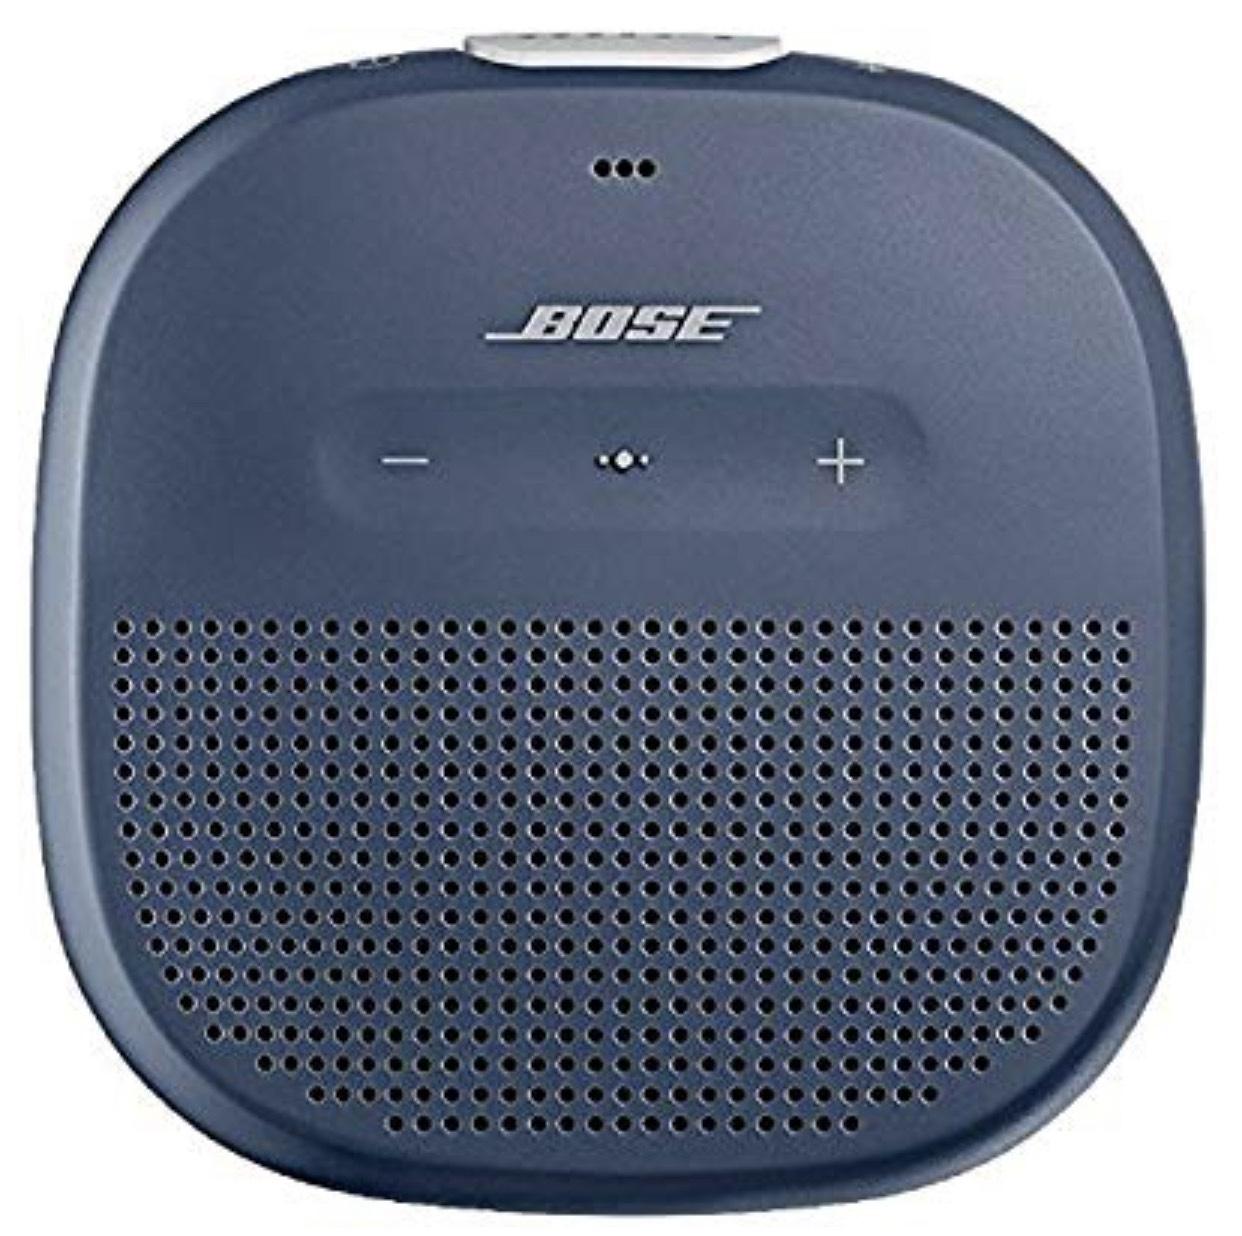 Bose SoundLink Micro Bluetooth-Lautsprecher dunkelblau für 70,58€